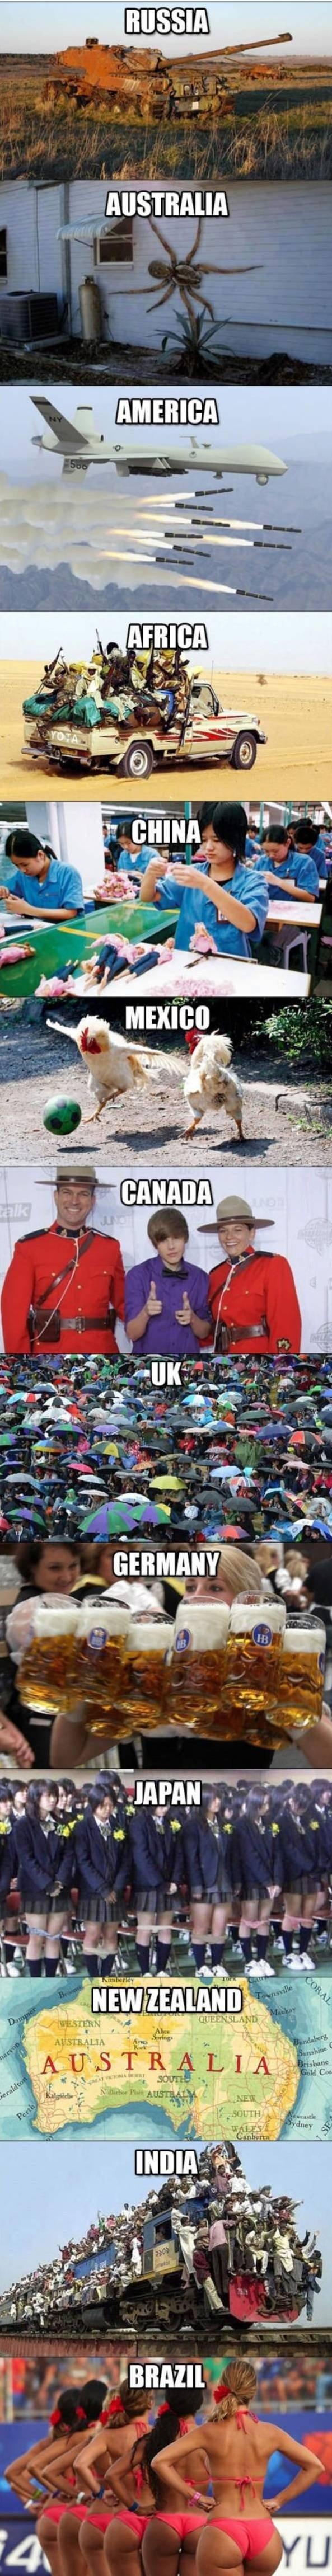 Teh world. .. UK Teh world UK